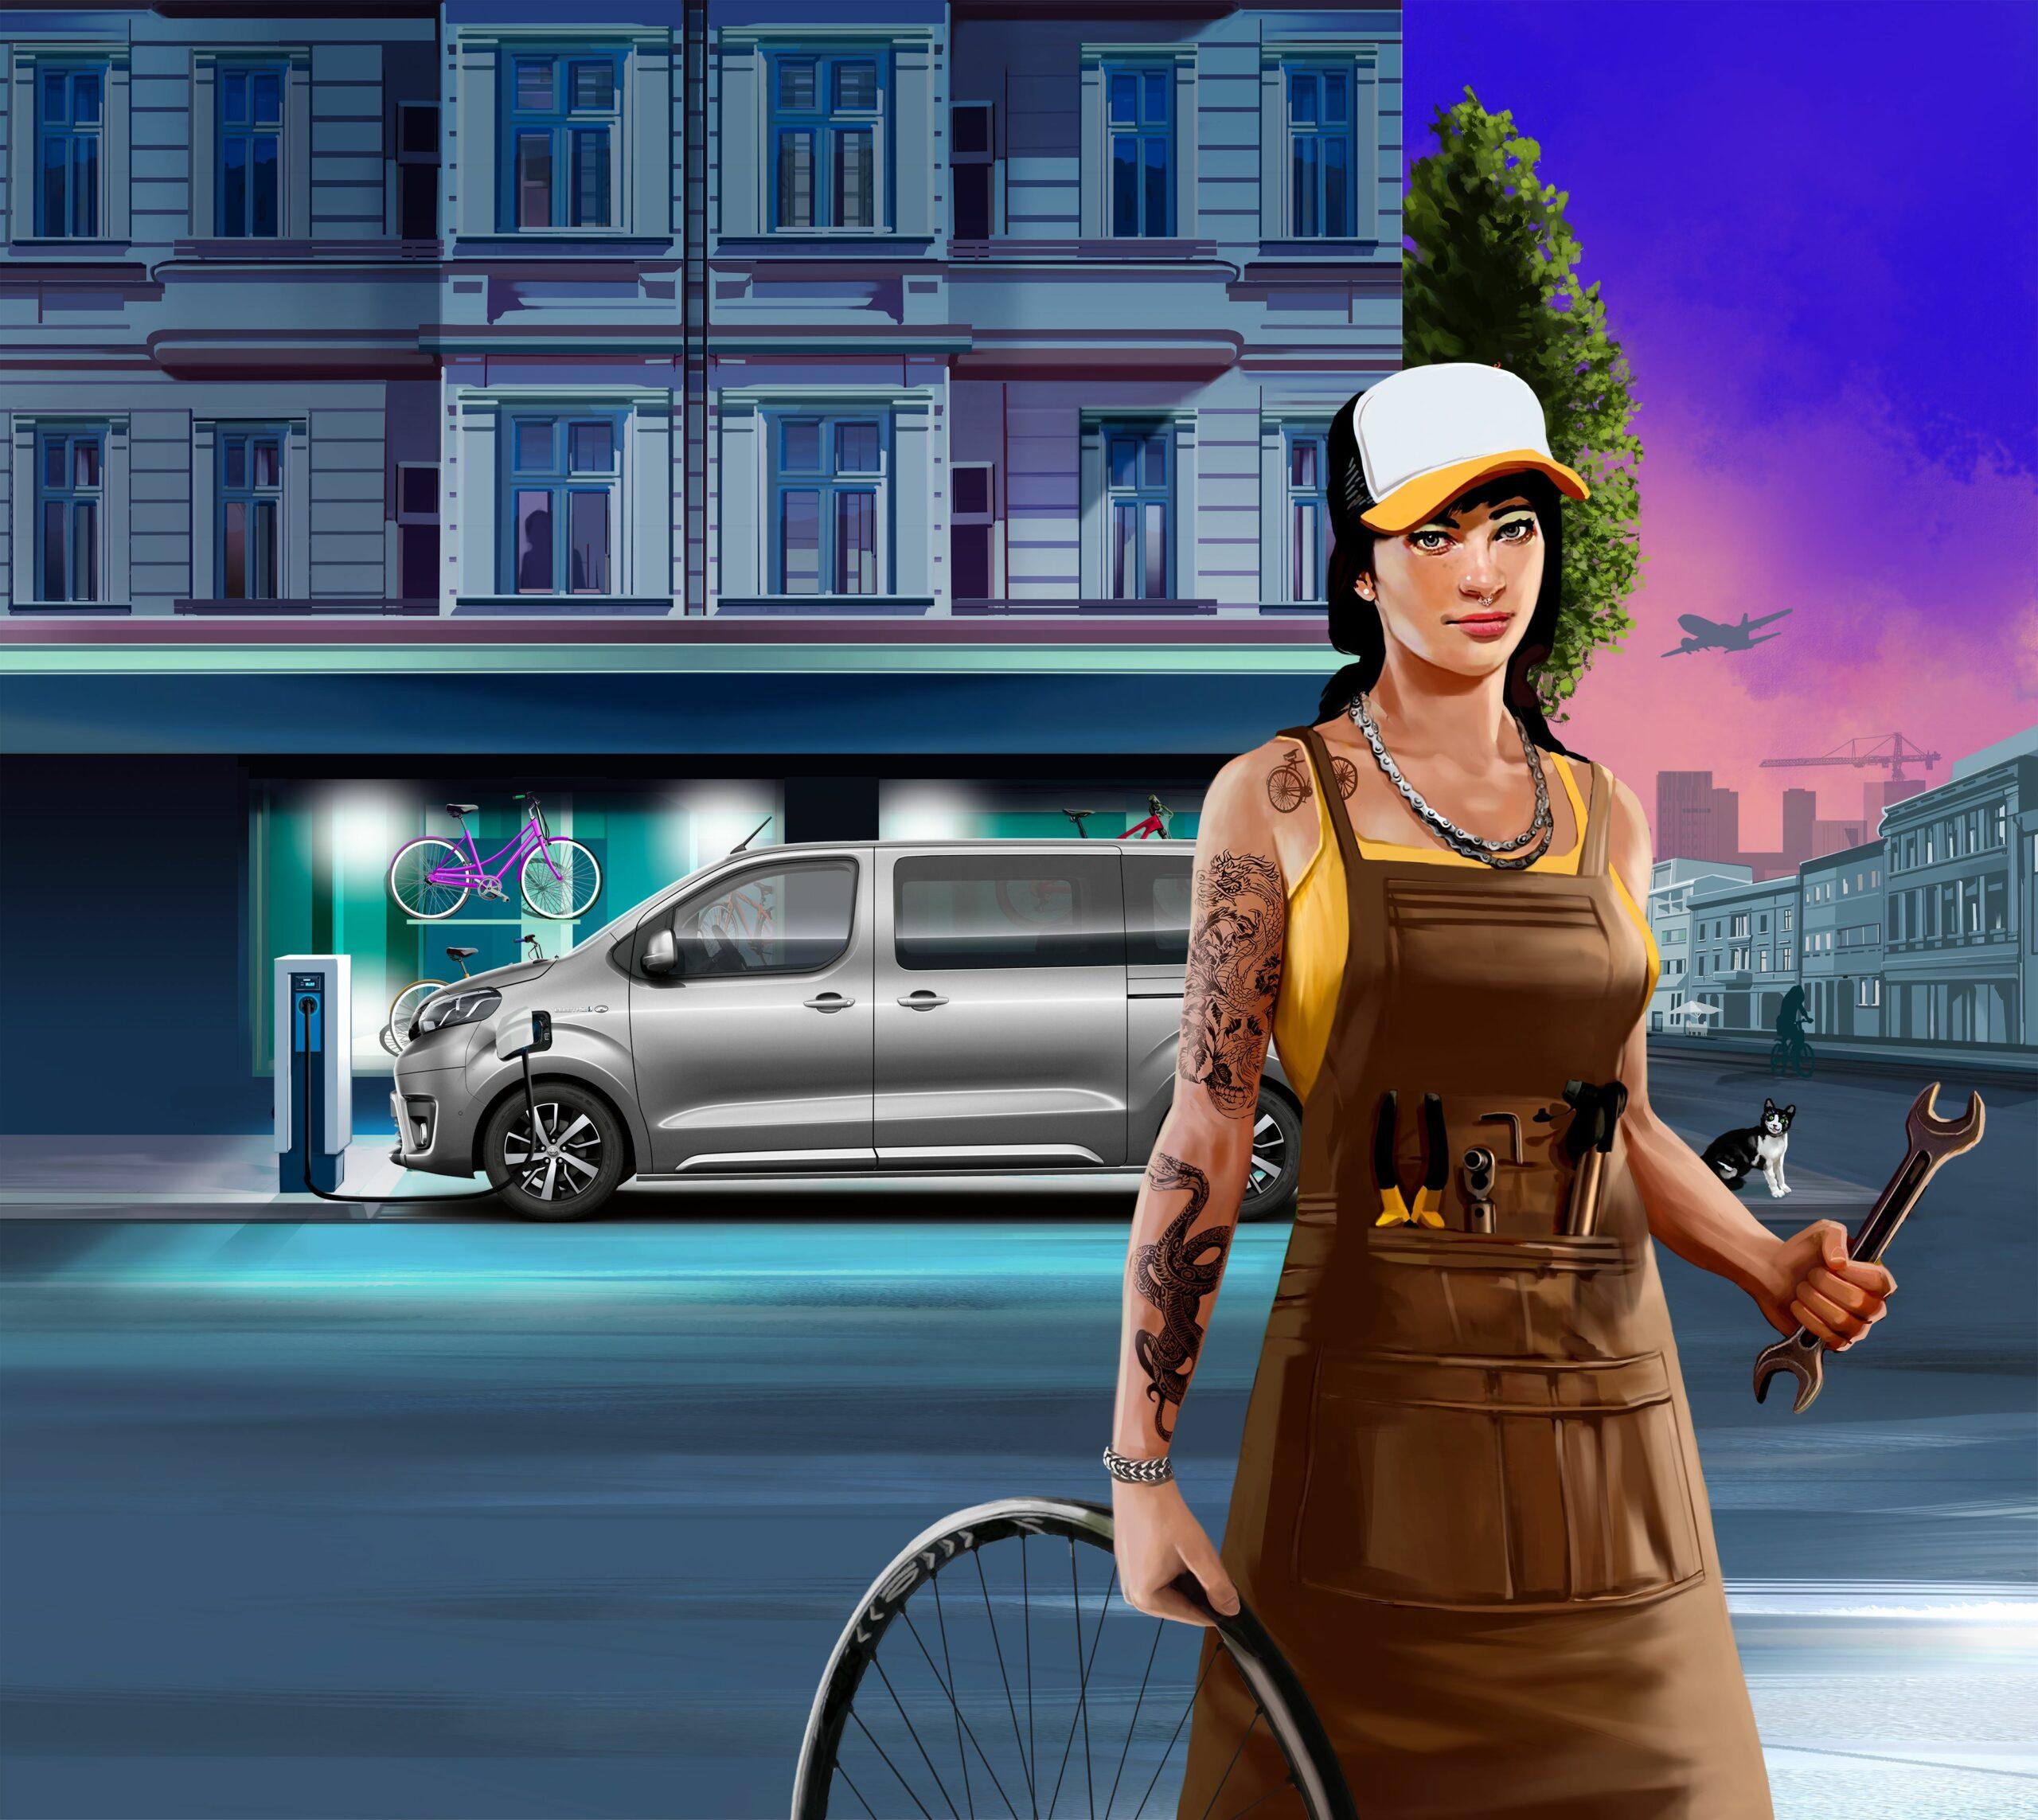 Toyota Professional geht mit Grand Theft Auto-Illustrator in die 2. Runde